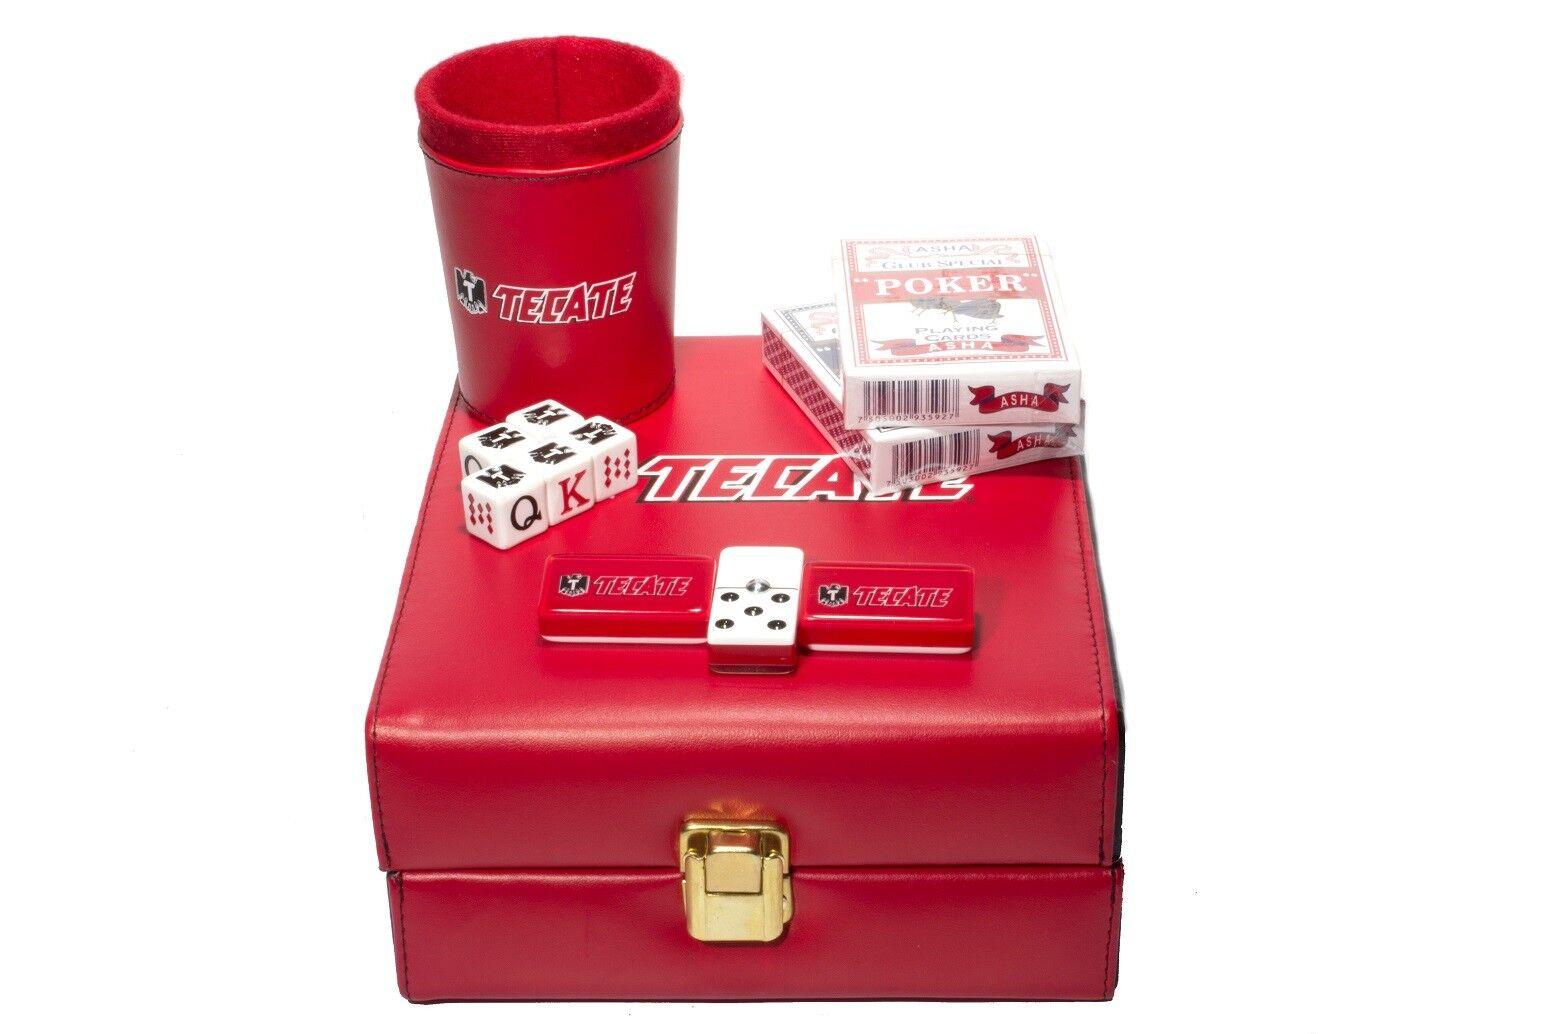 Tecate Beer Deluxe Set 3 spel  Domino, Dice Cup, 2 Poker bilds